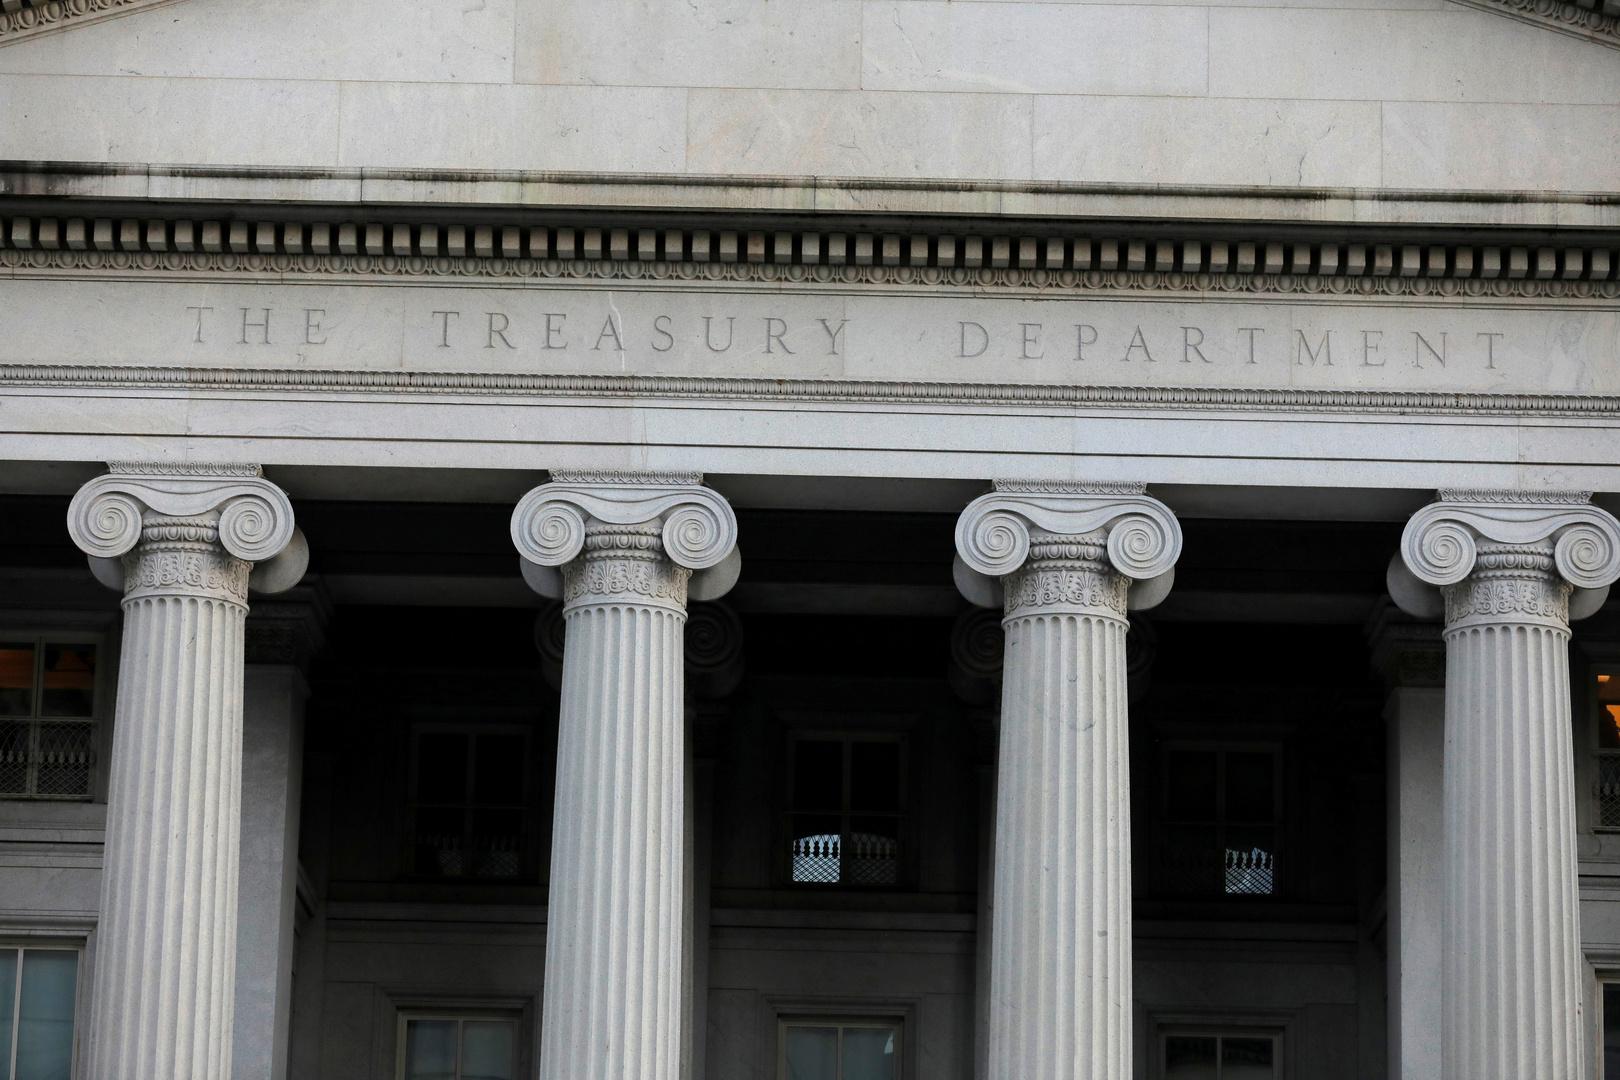 الخزانة الأمريكية تشطب أسماء ثلاثة إيرانيين من قائمة العقوبات